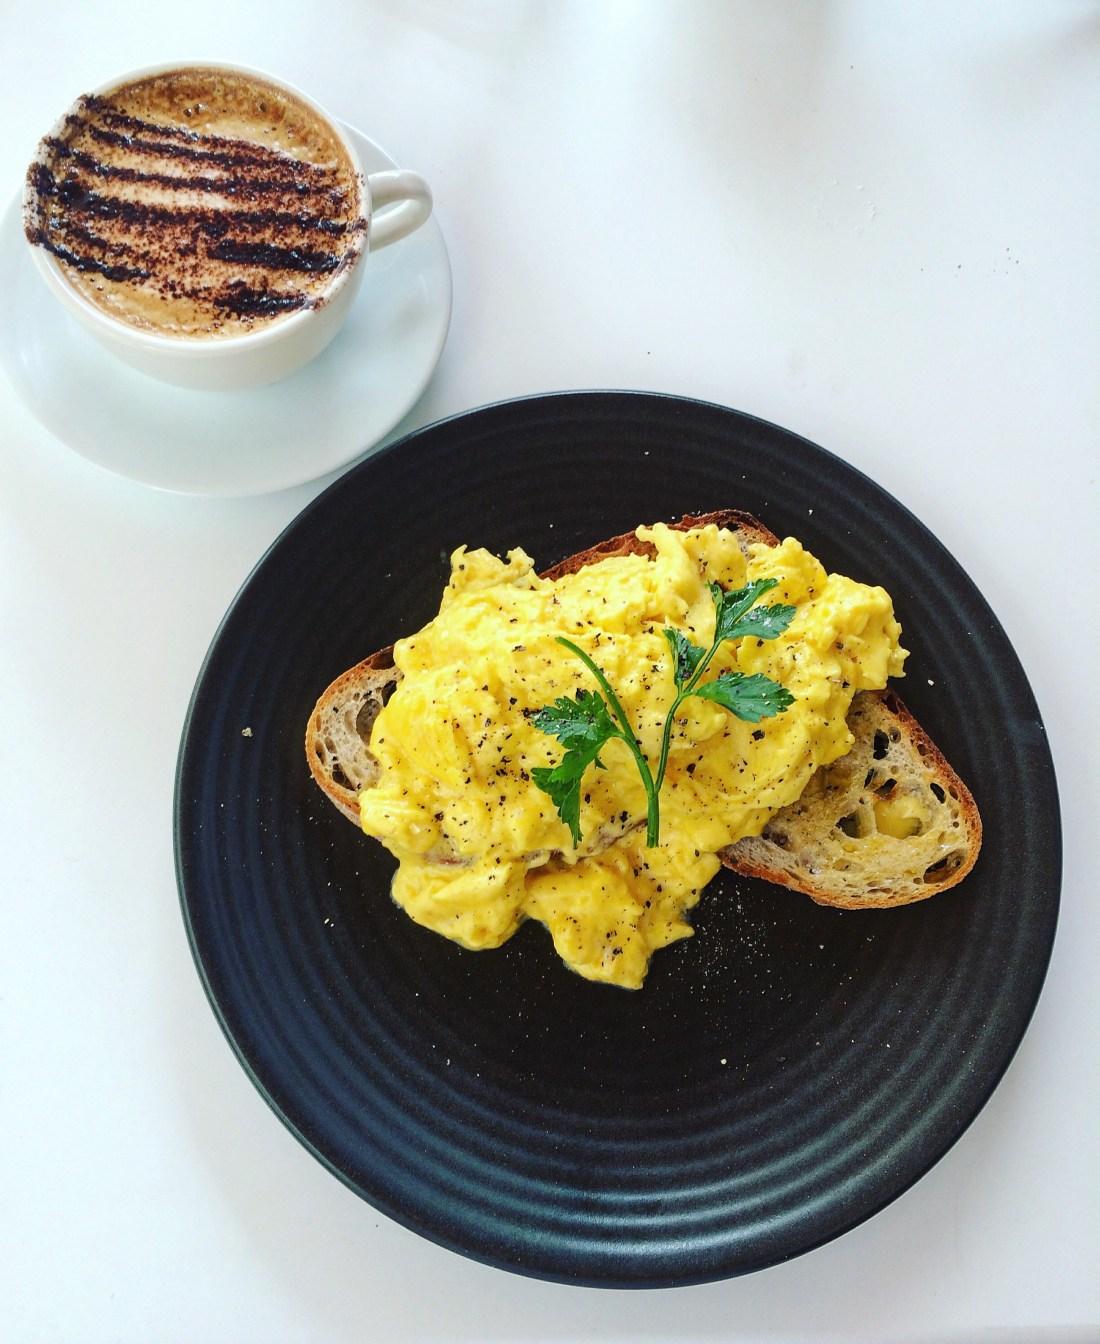 Breakfast in Bellingen, Australia